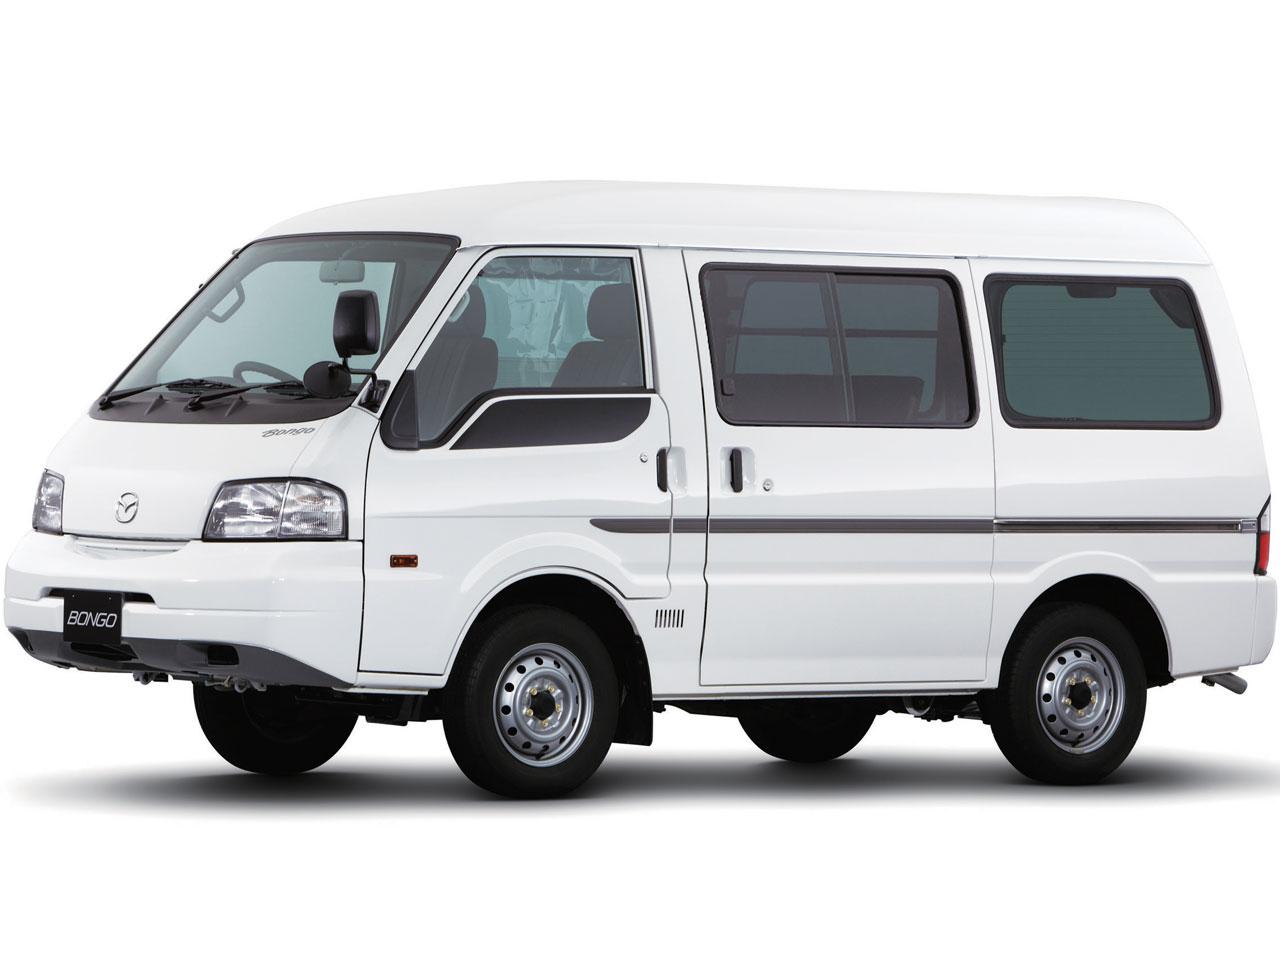 マツダ ボンゴ バン 商用車 1999年モデル 新車画像